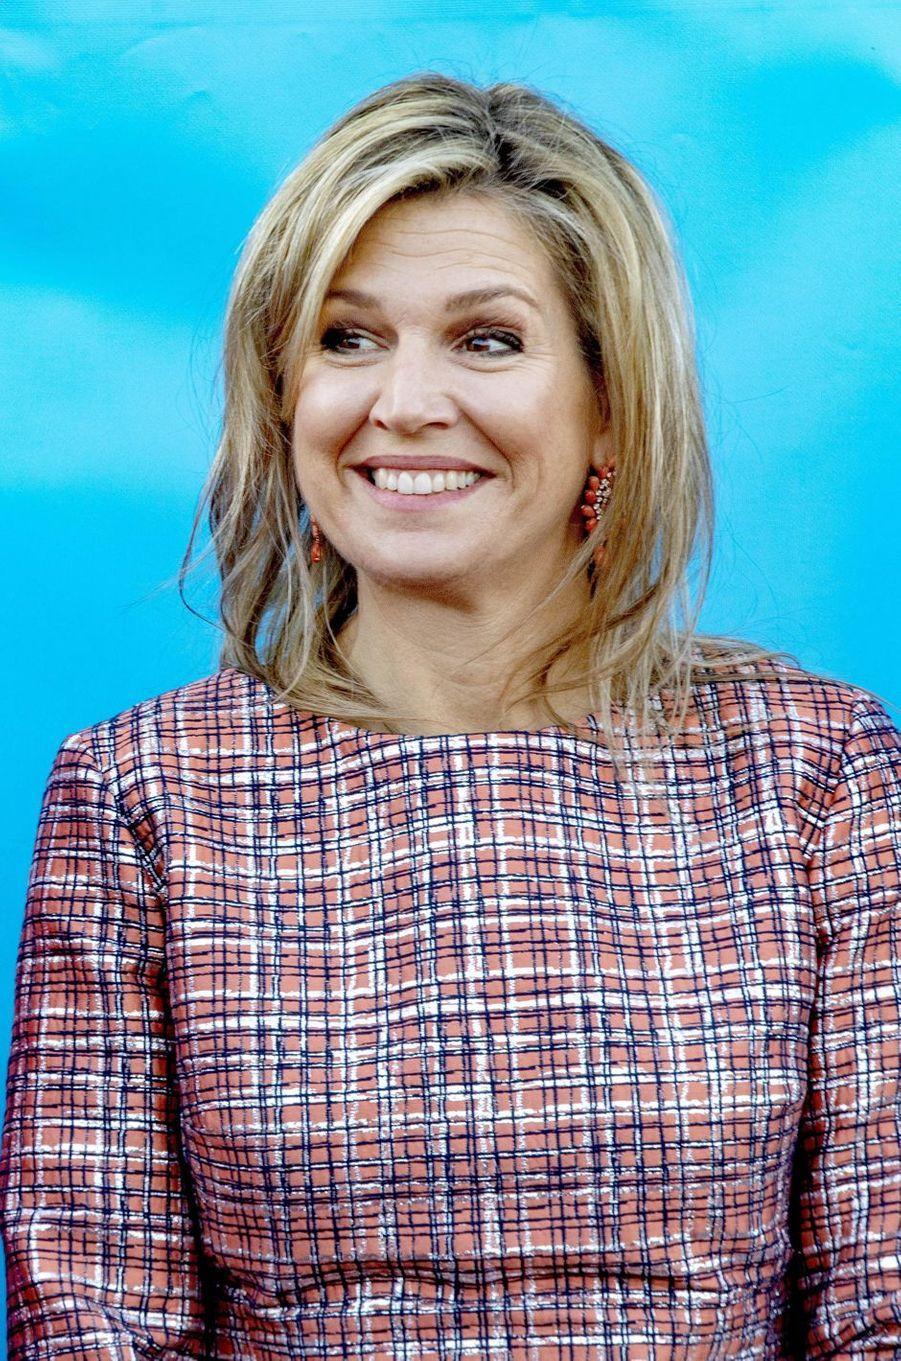 La reine Maxima des Pays-Bas tout sourire à Vlissingen, le 20 février 2019